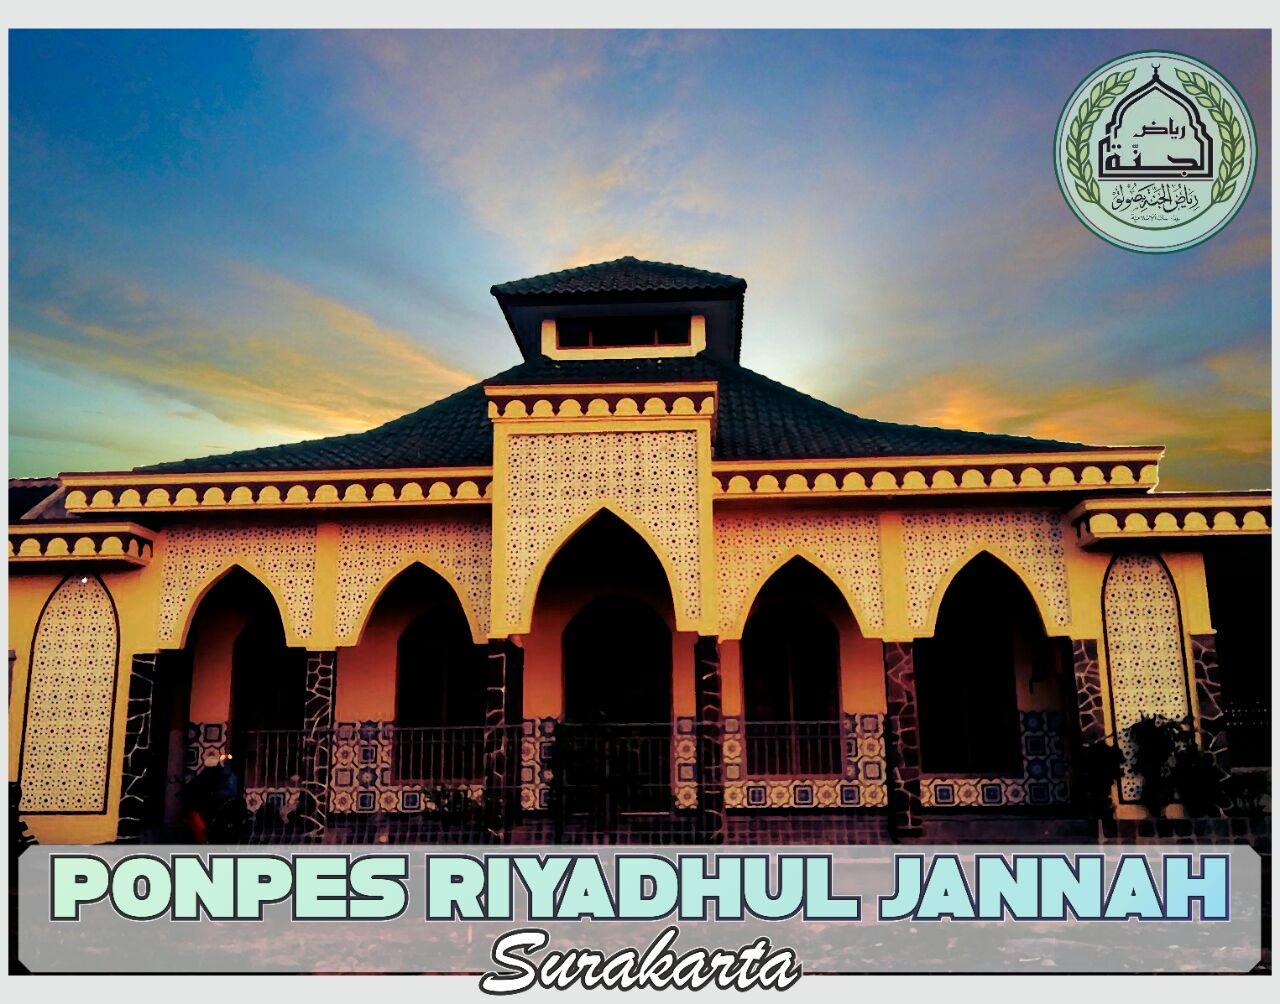 Informasi Pendaftaran Santri Baru Ponpes Riyadhul Jannah Surakarta TA 1440 H/ 2019